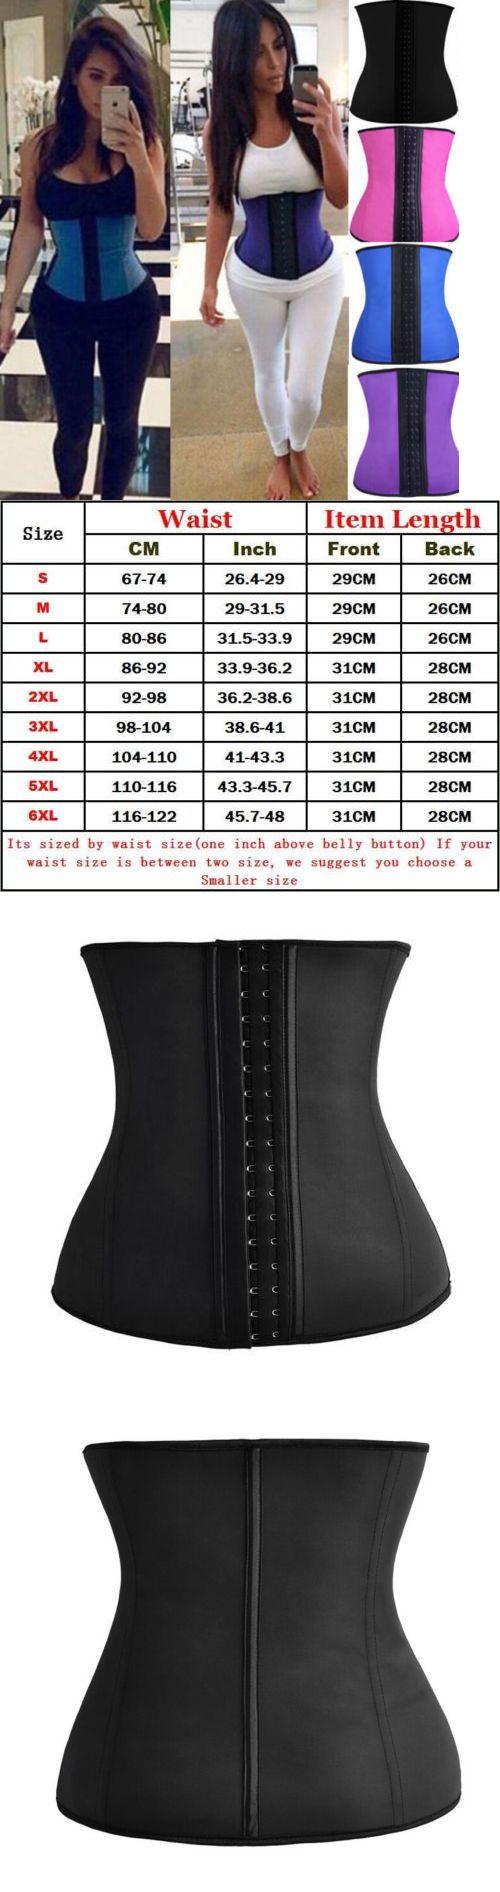 a28c24e2680 Latex Waist Trainer Zip Up Waist Training Corset Rubber Waist Cincher Gym  Shaper Women s Clothing